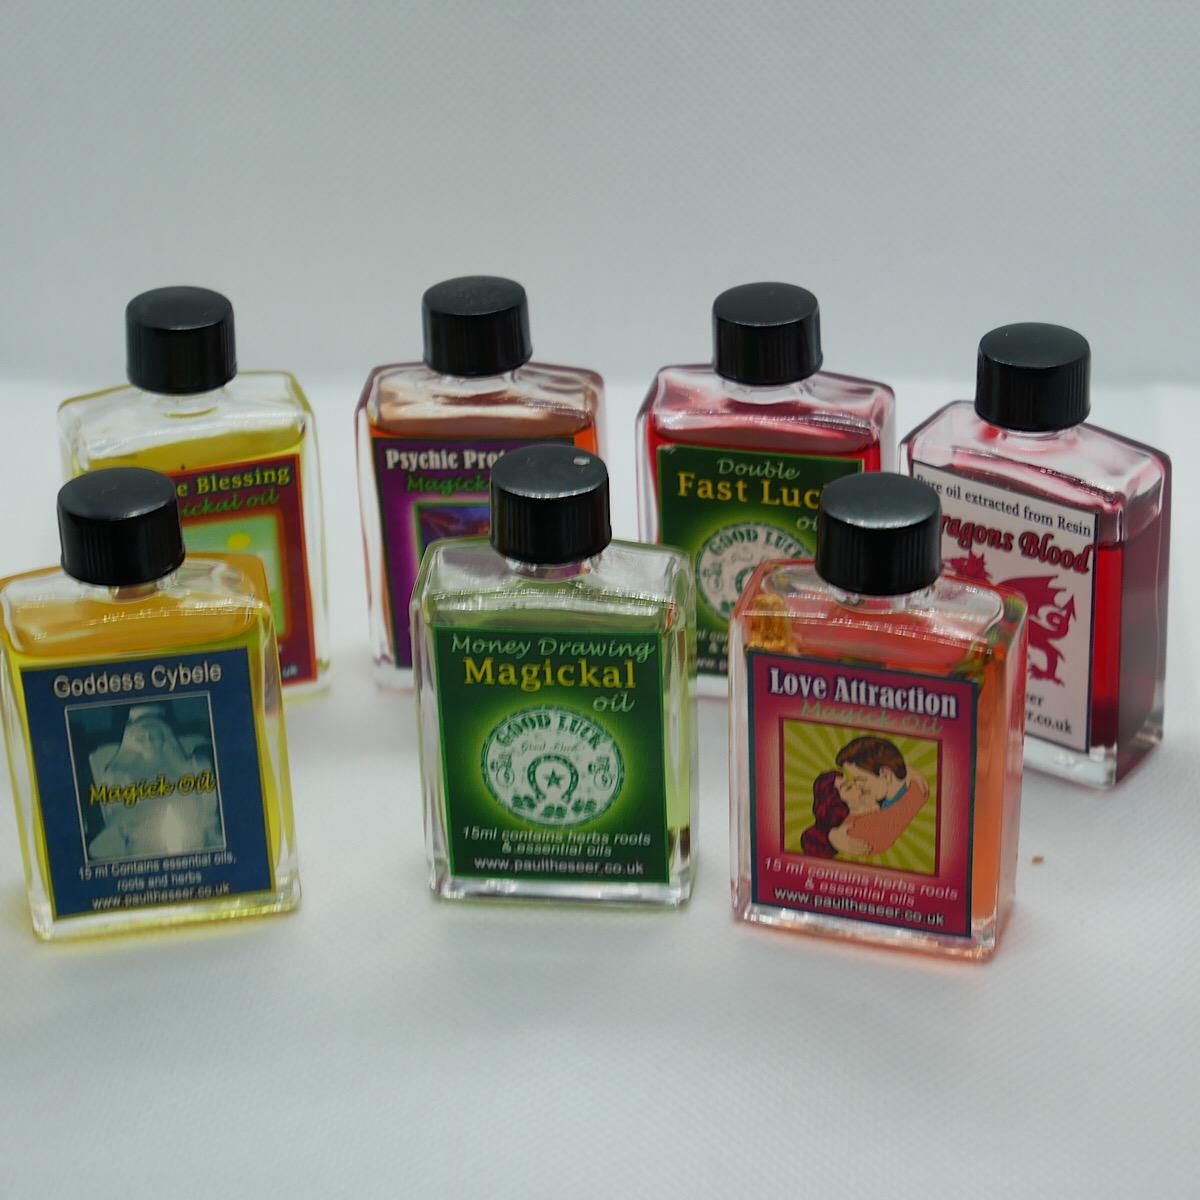 Magickal Oil